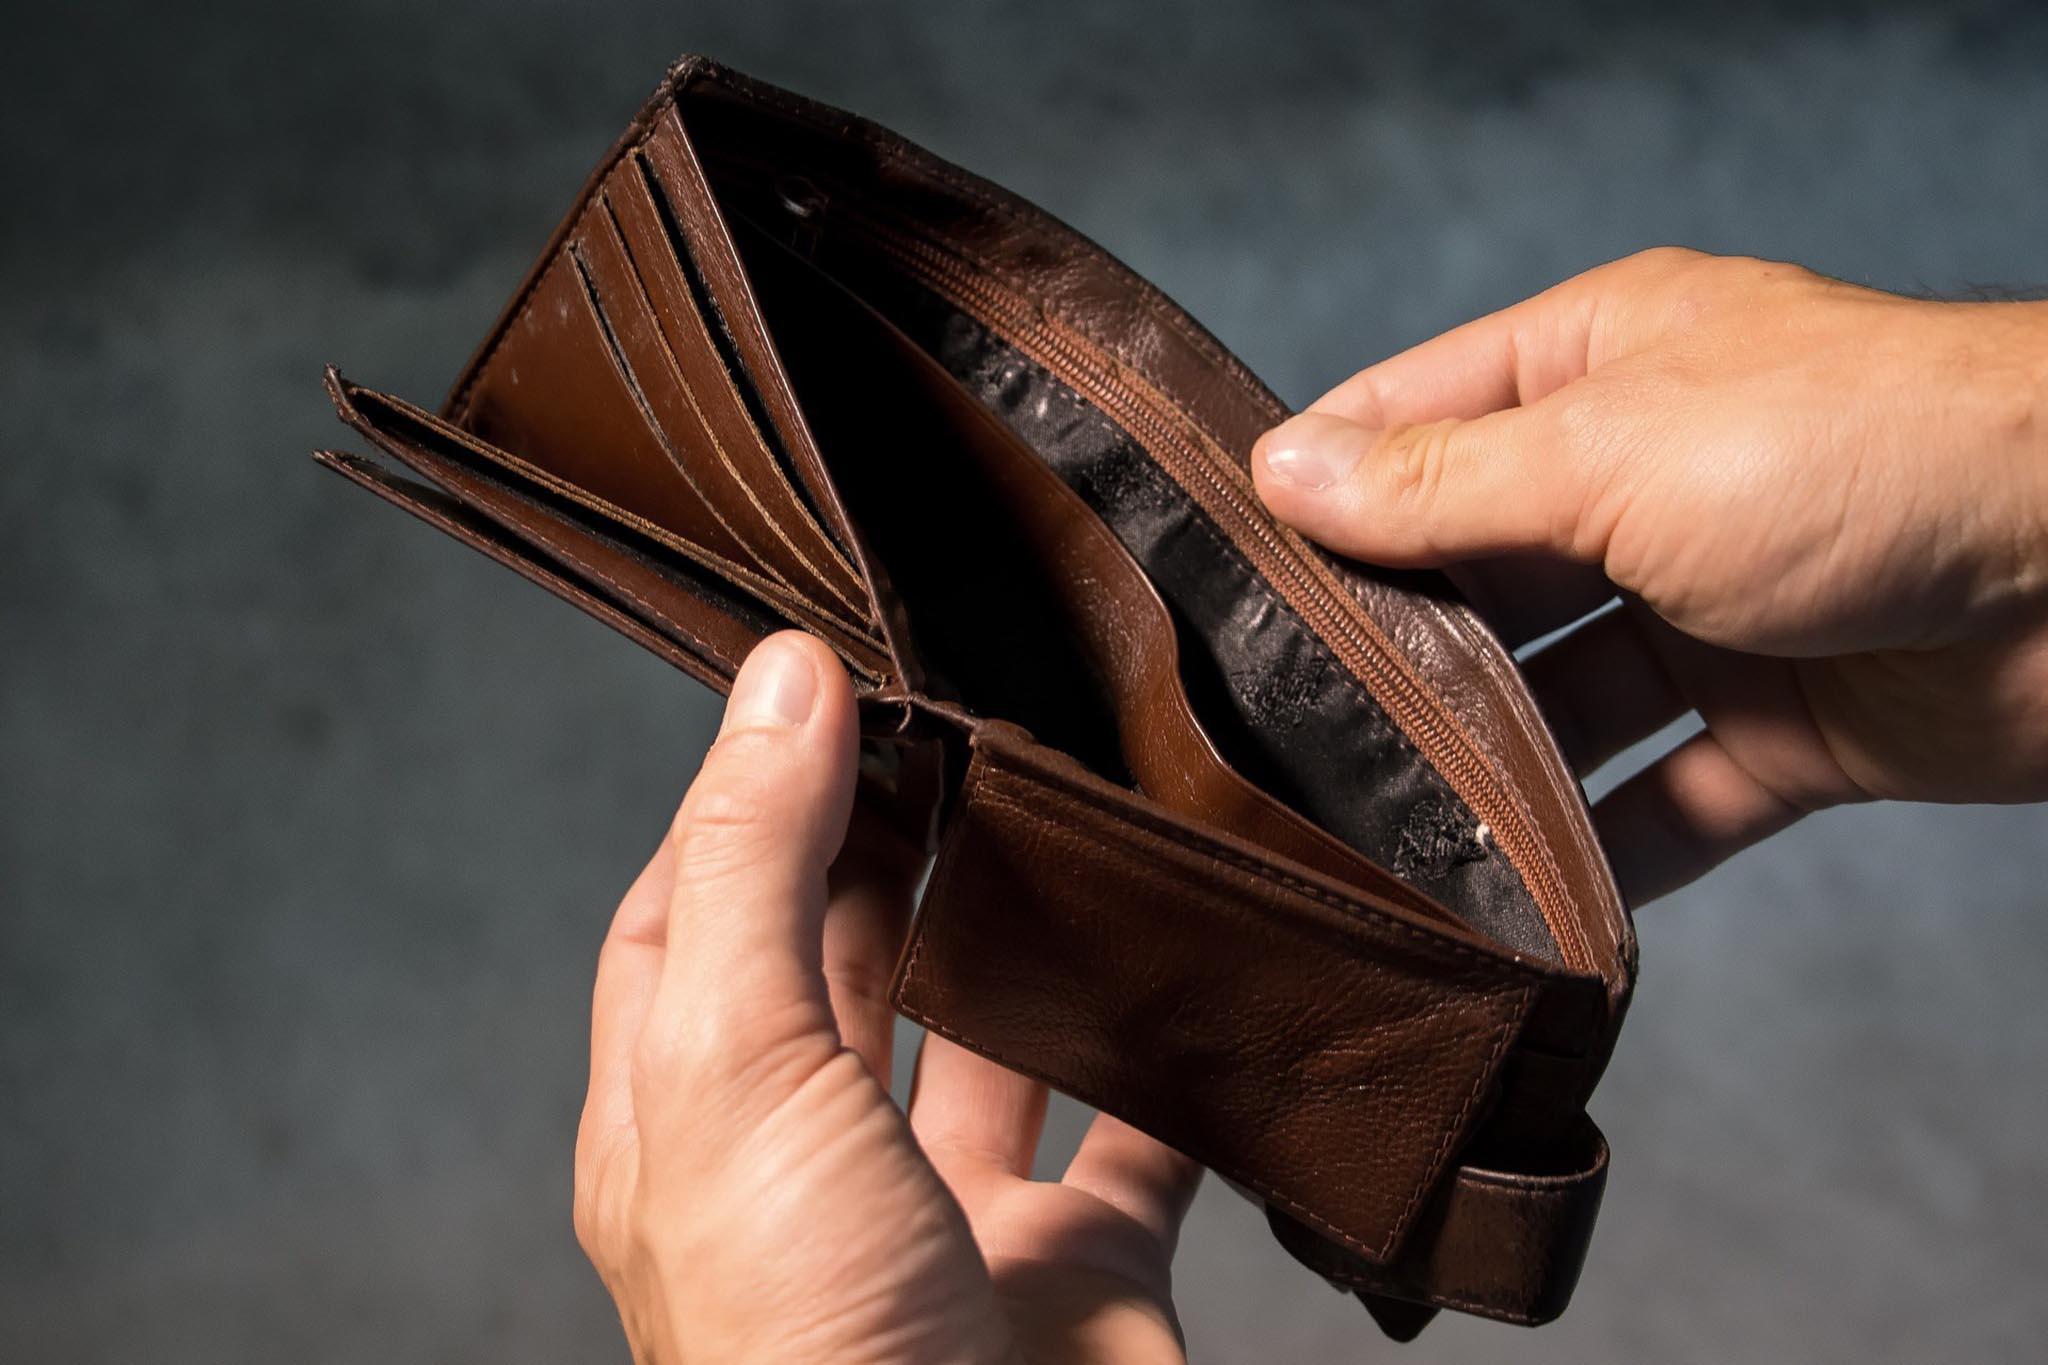 Mơ thấy cái ví rỗng là điềm báo gì ? May mắn hay xui xẻo?